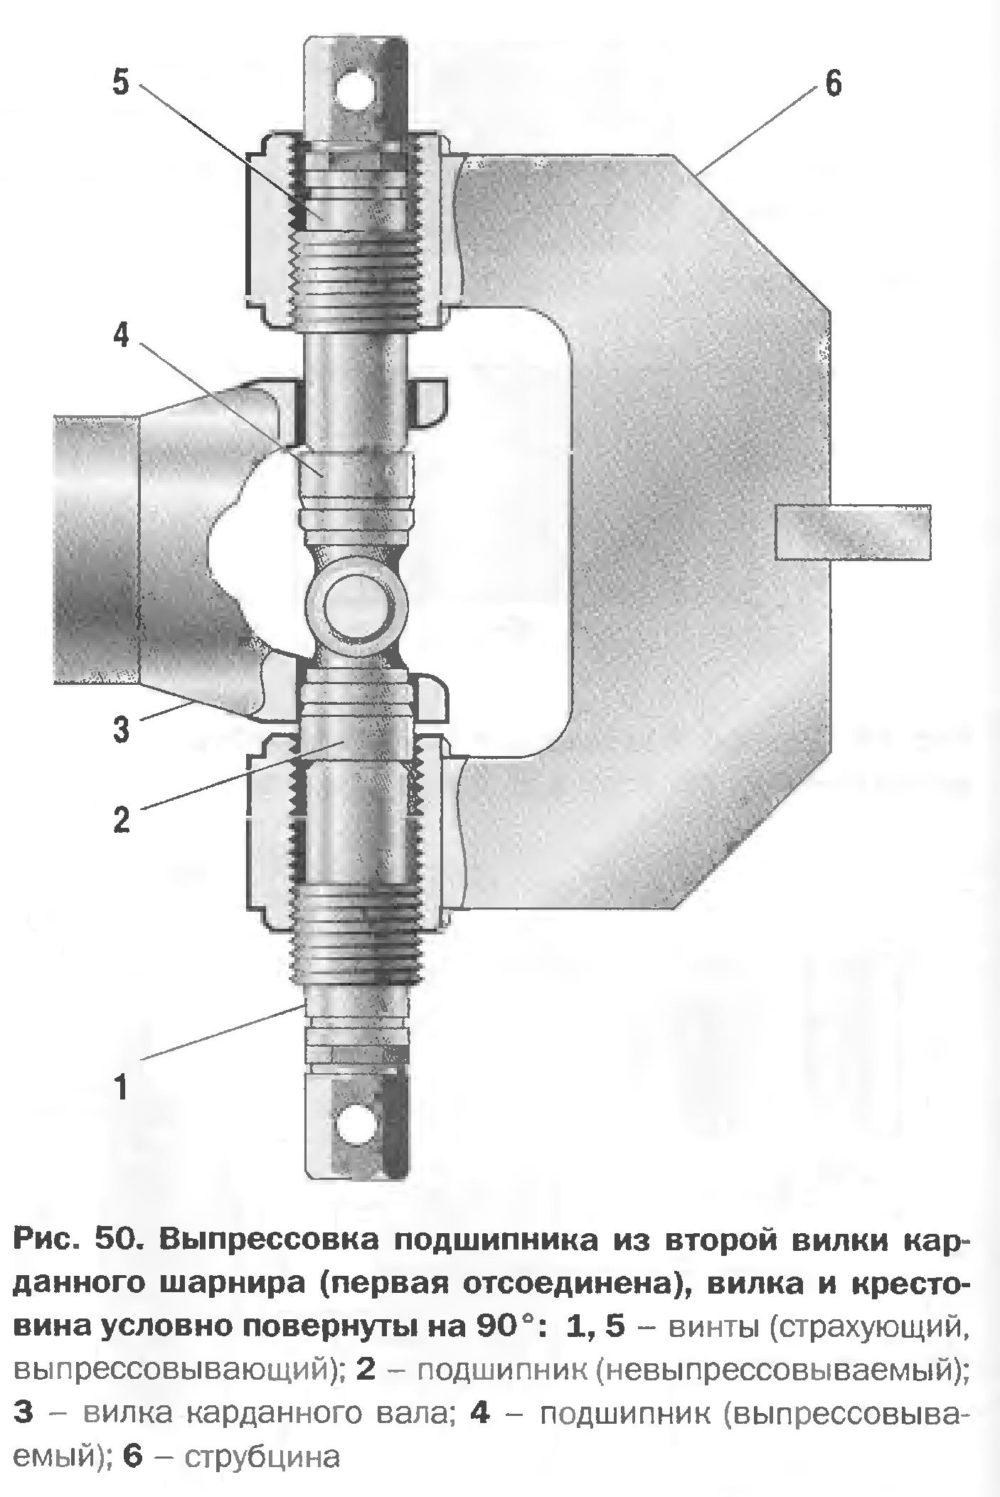 Выпрессовка подшипника из второй вилки карданного шарнира (первая отсоединена), вилка и крестовина условно повернуты на 90°